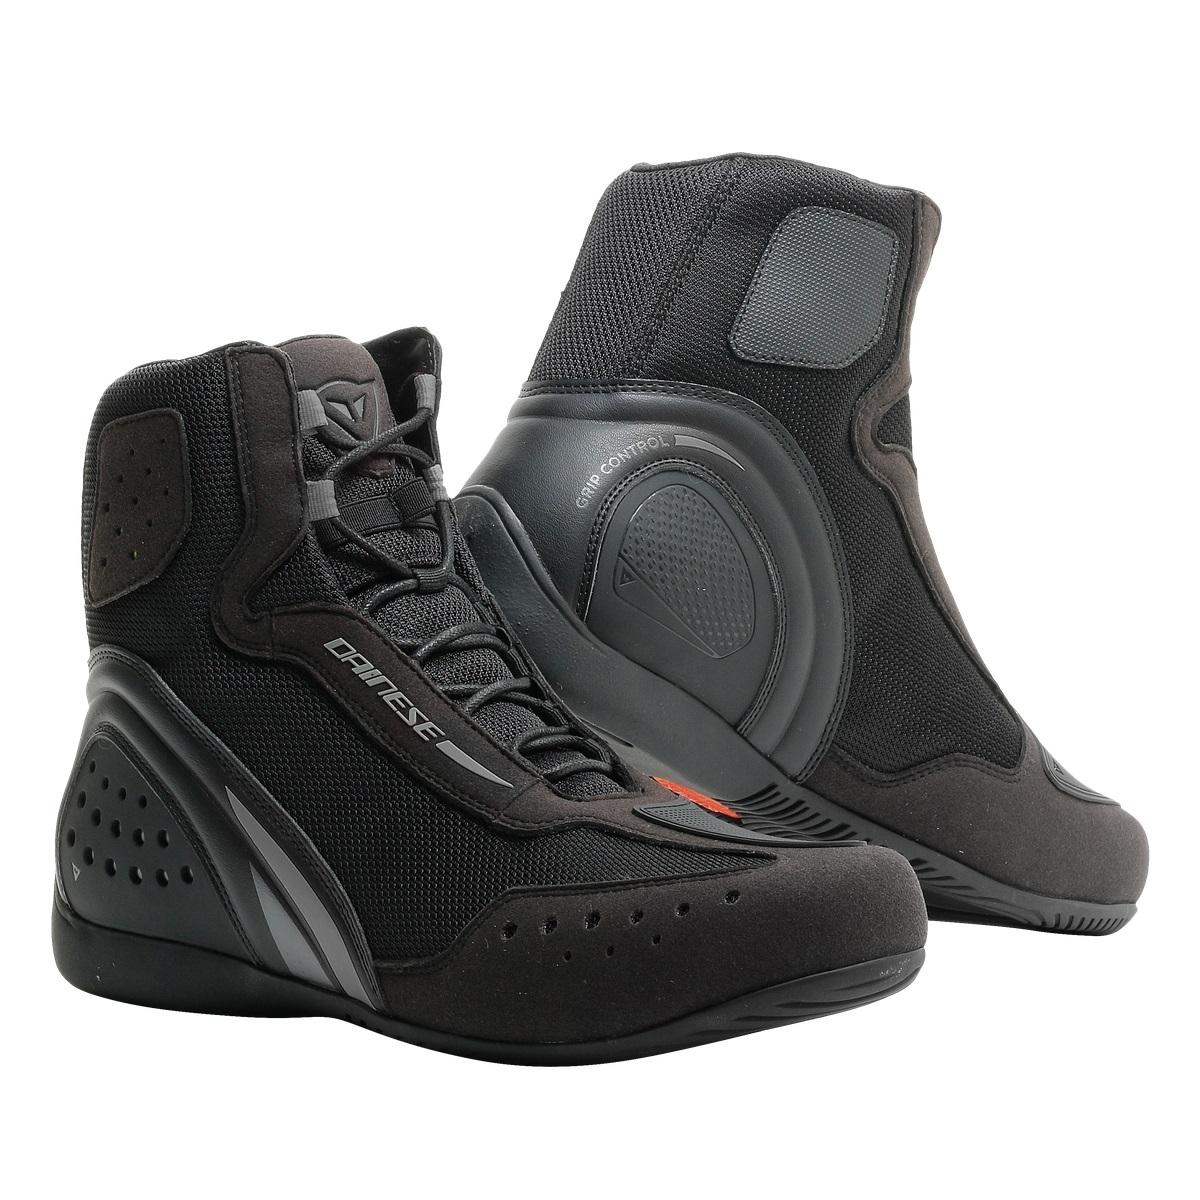 De bescherming van een laars en het uiterlijk van een schoen: de dainese motorshoe heeft het! de beschermende ...